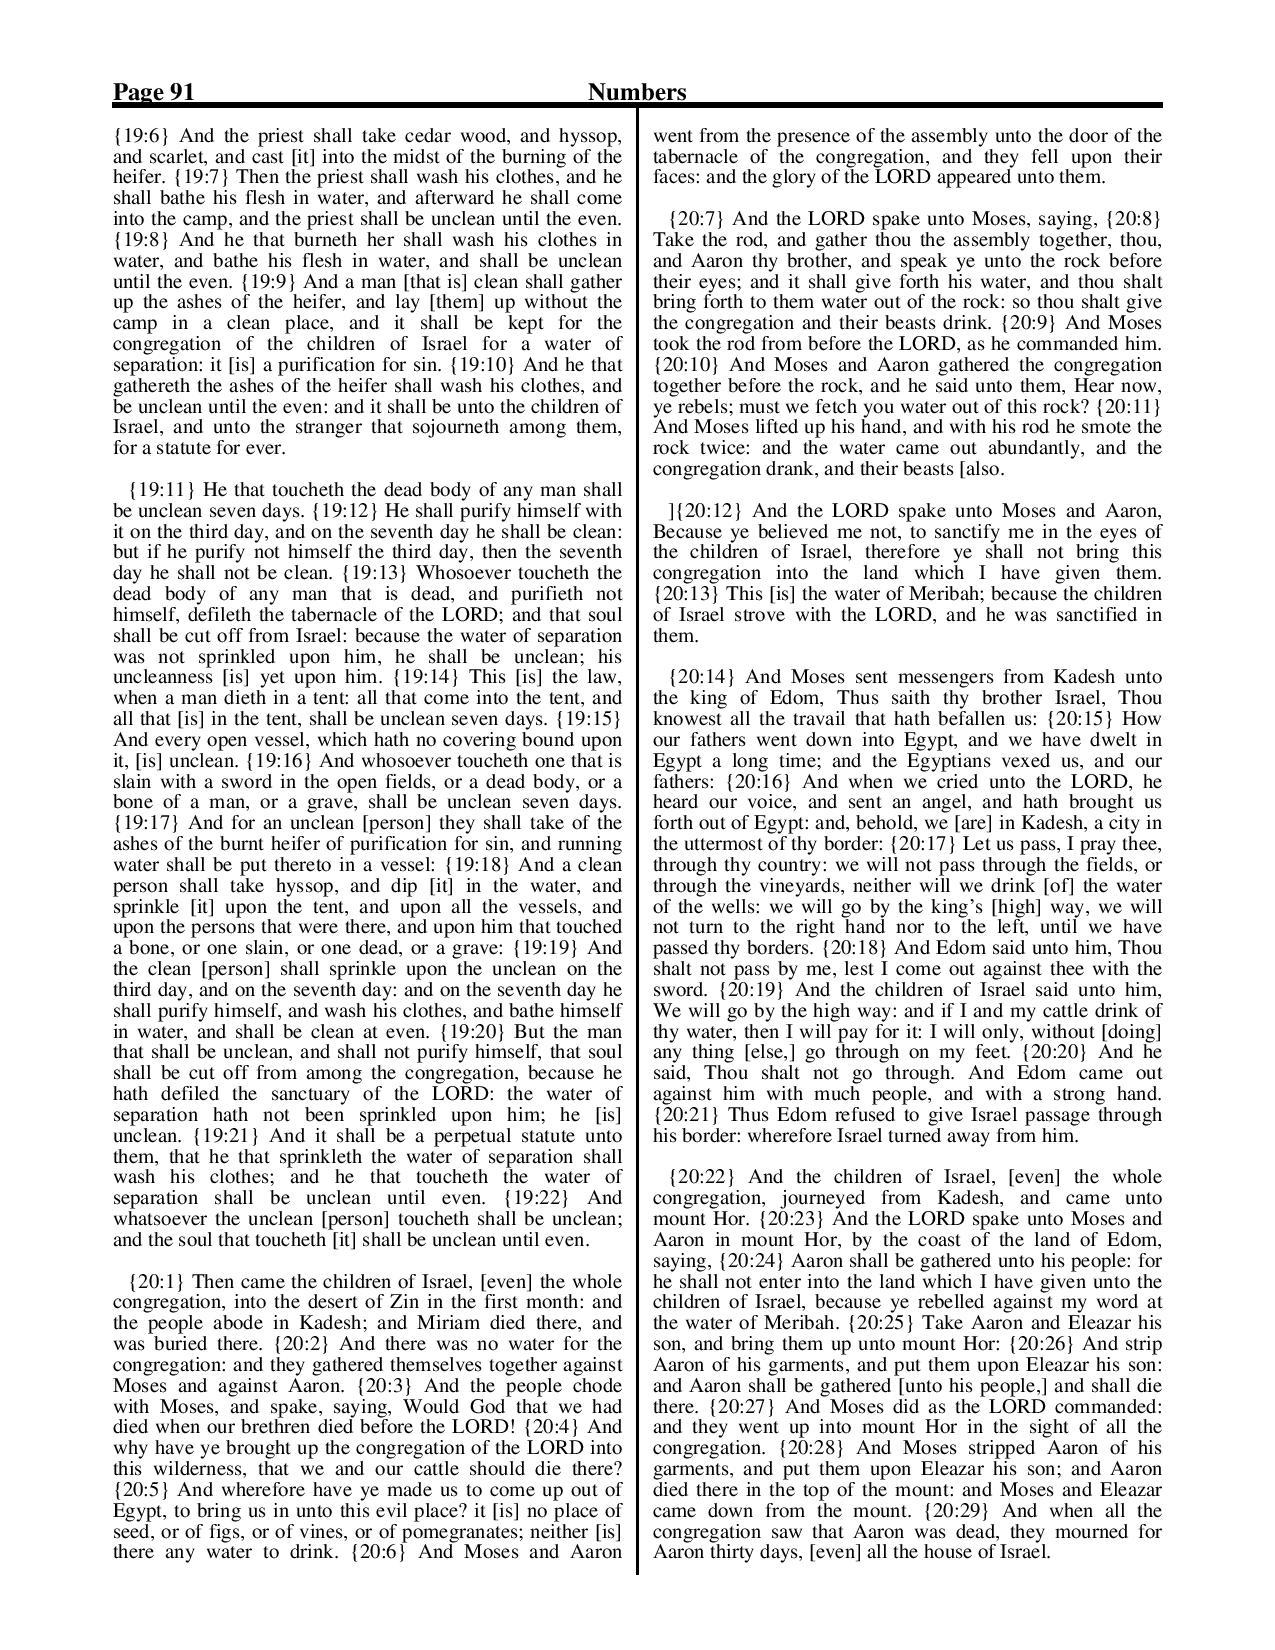 King-James-Bible-KJV-Bible-PDF-page-112